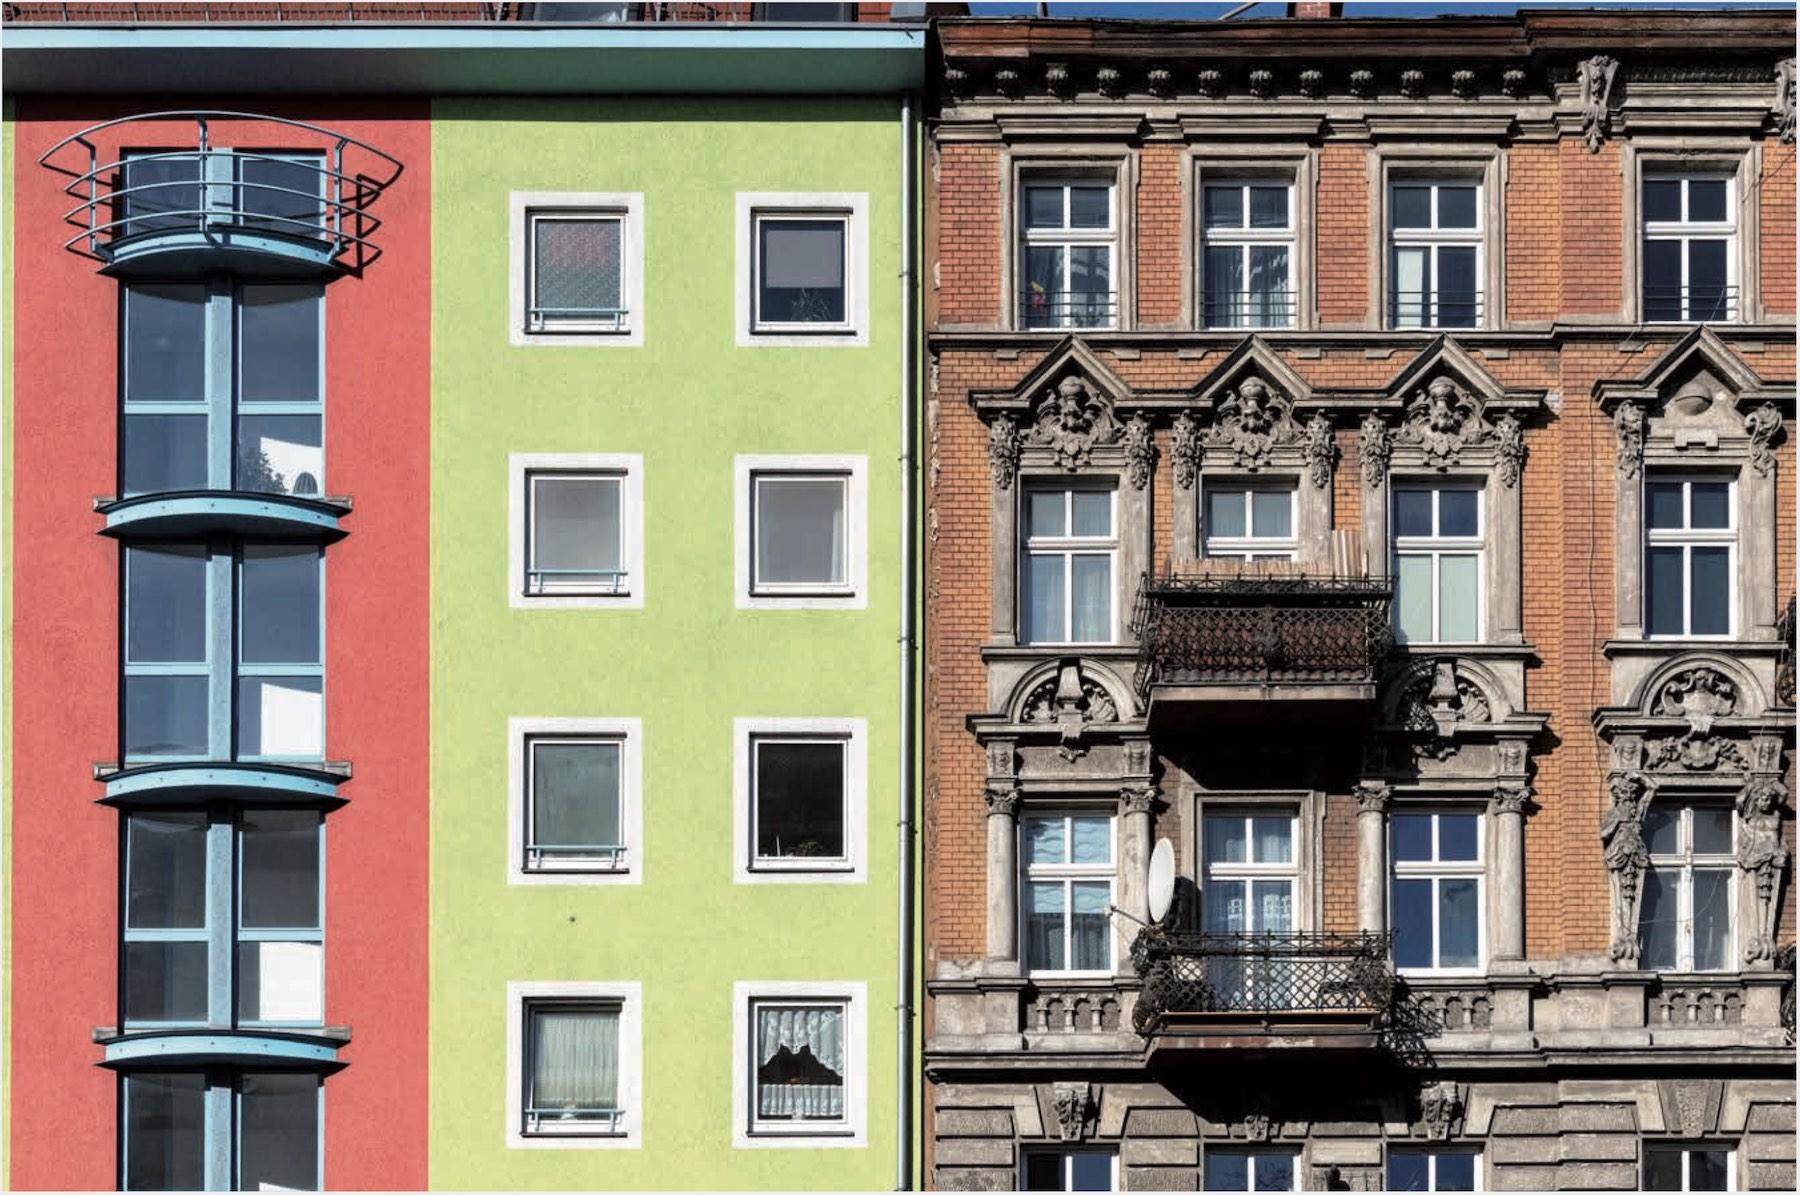 Ansicht einer dreiteiligen Häuserfront mit 5 Geschossen, von links nach rechts wechselt der Stil von modern zu alt